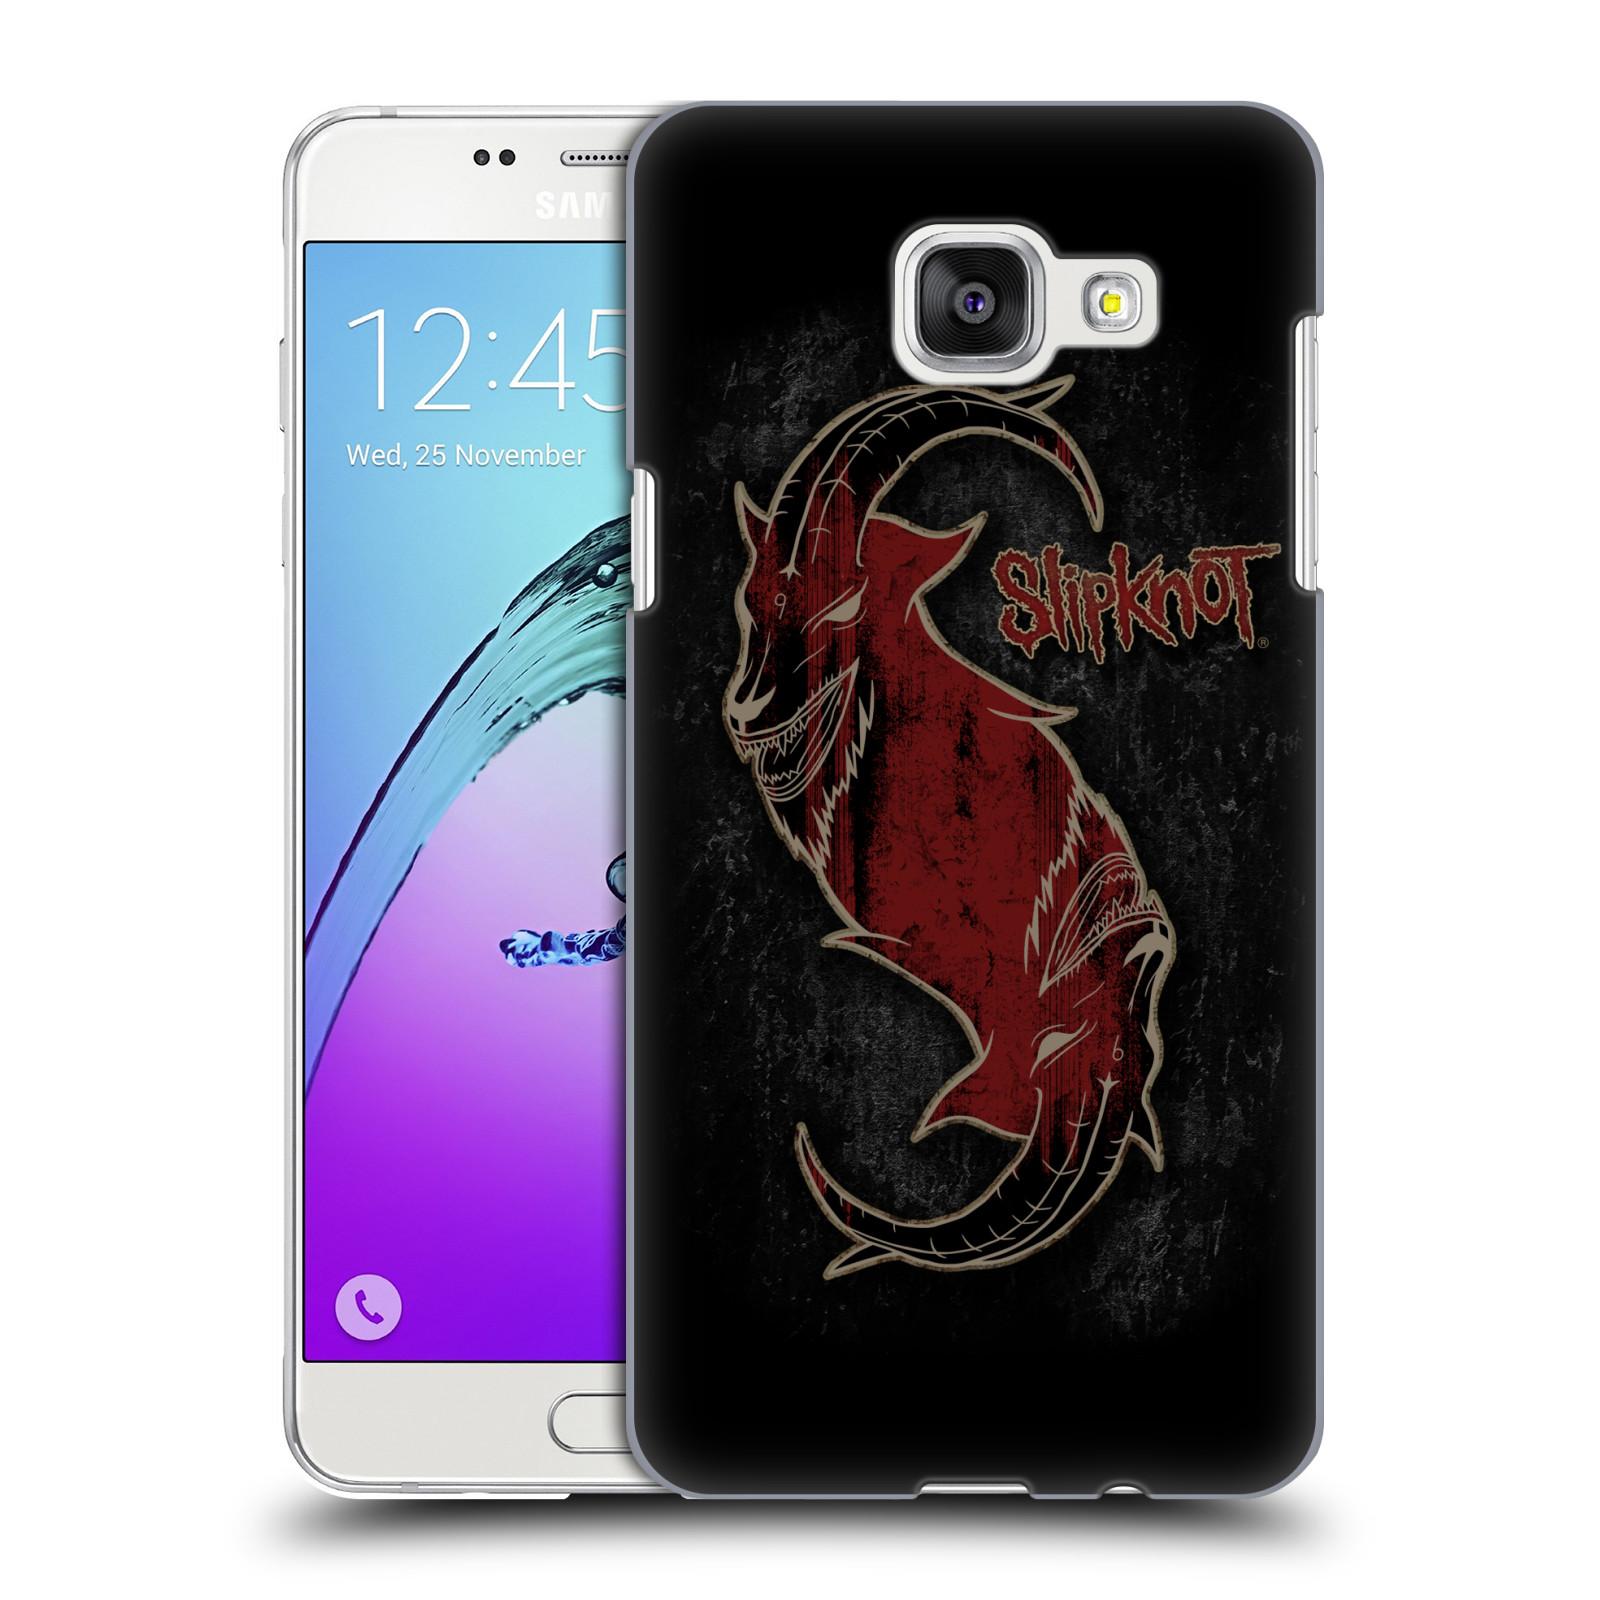 Plastové pouzdro na mobil Samsung Galaxy A5 (2016) HEAD CASE Slipknot - Rudý kozel